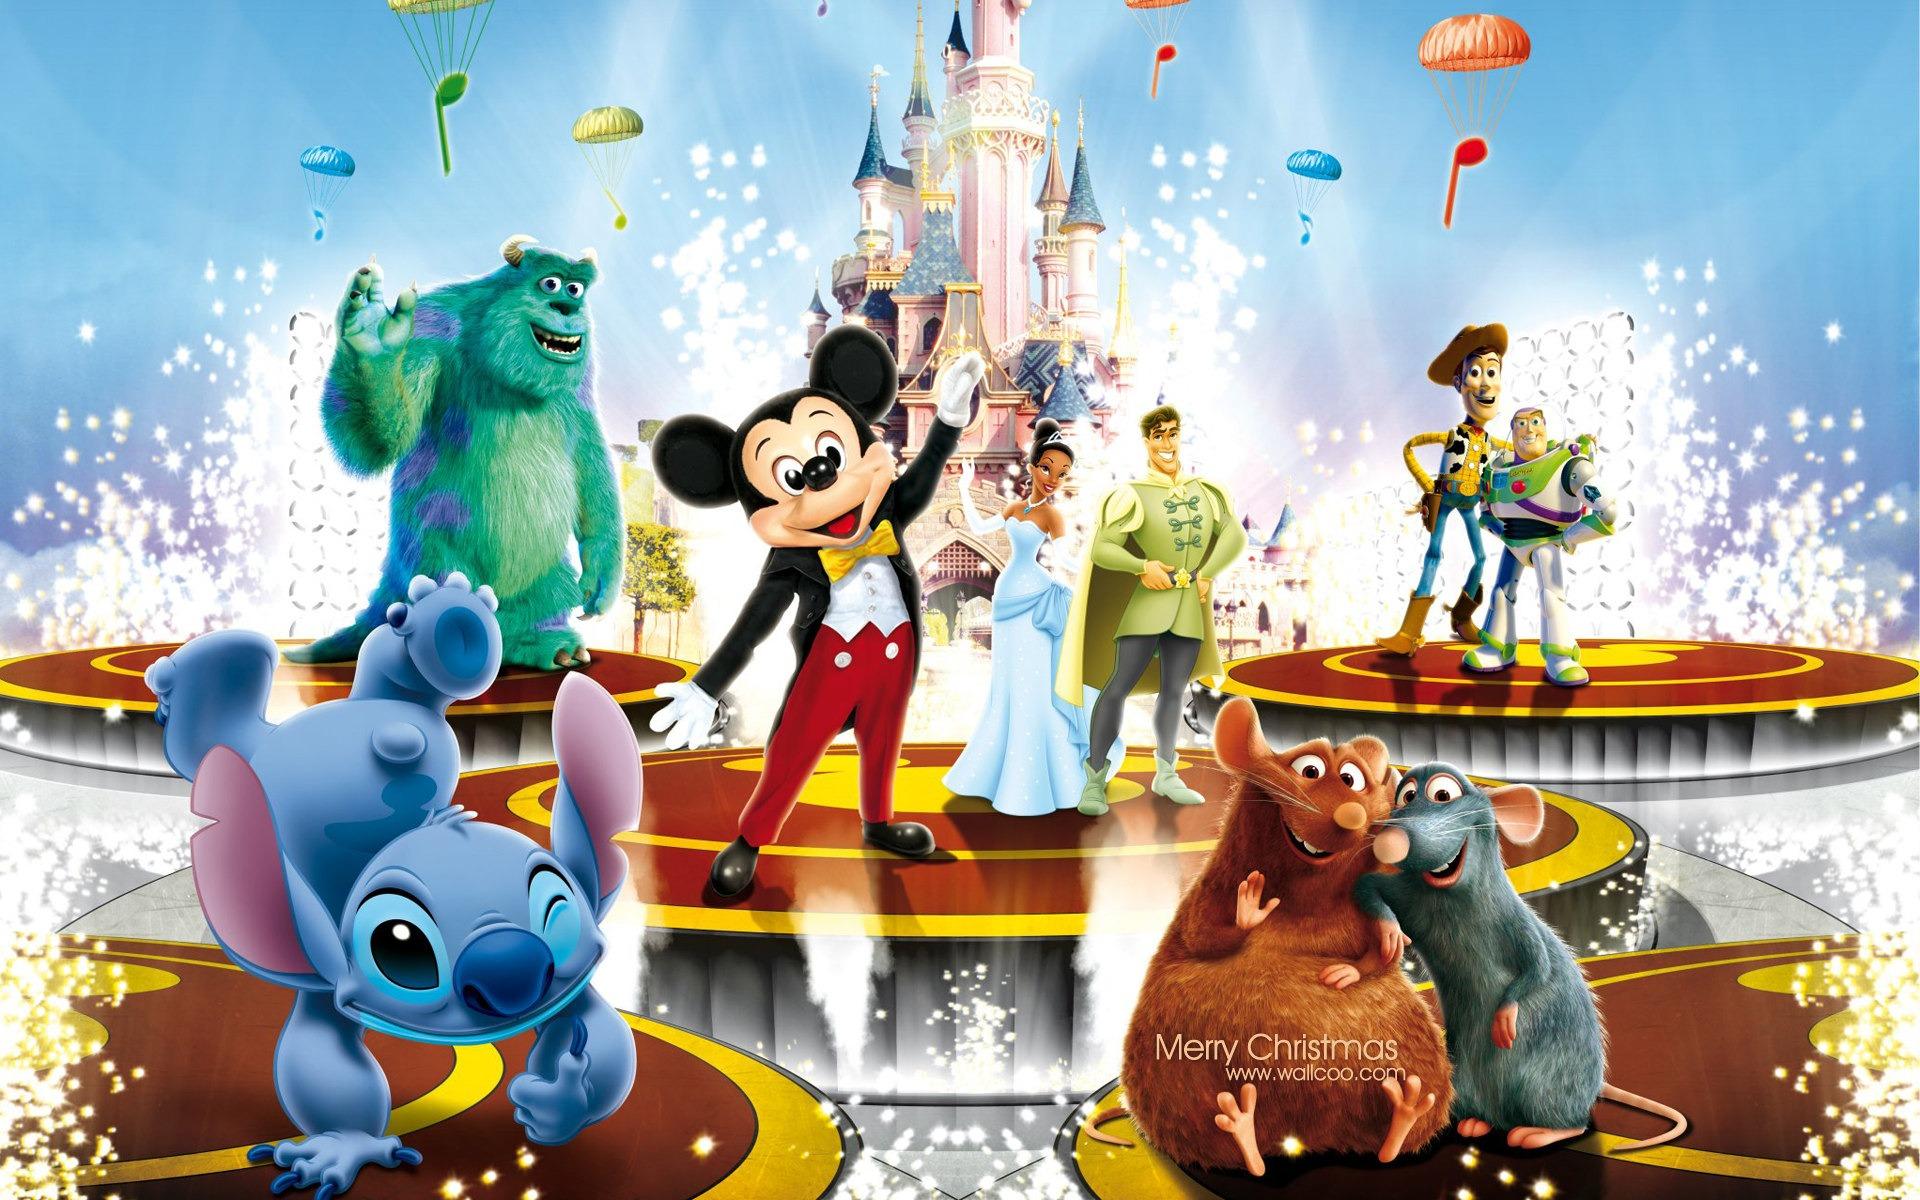 ディズニー映画の漫画のキャラクターの壁紙プレビュー 10wallpaper Com